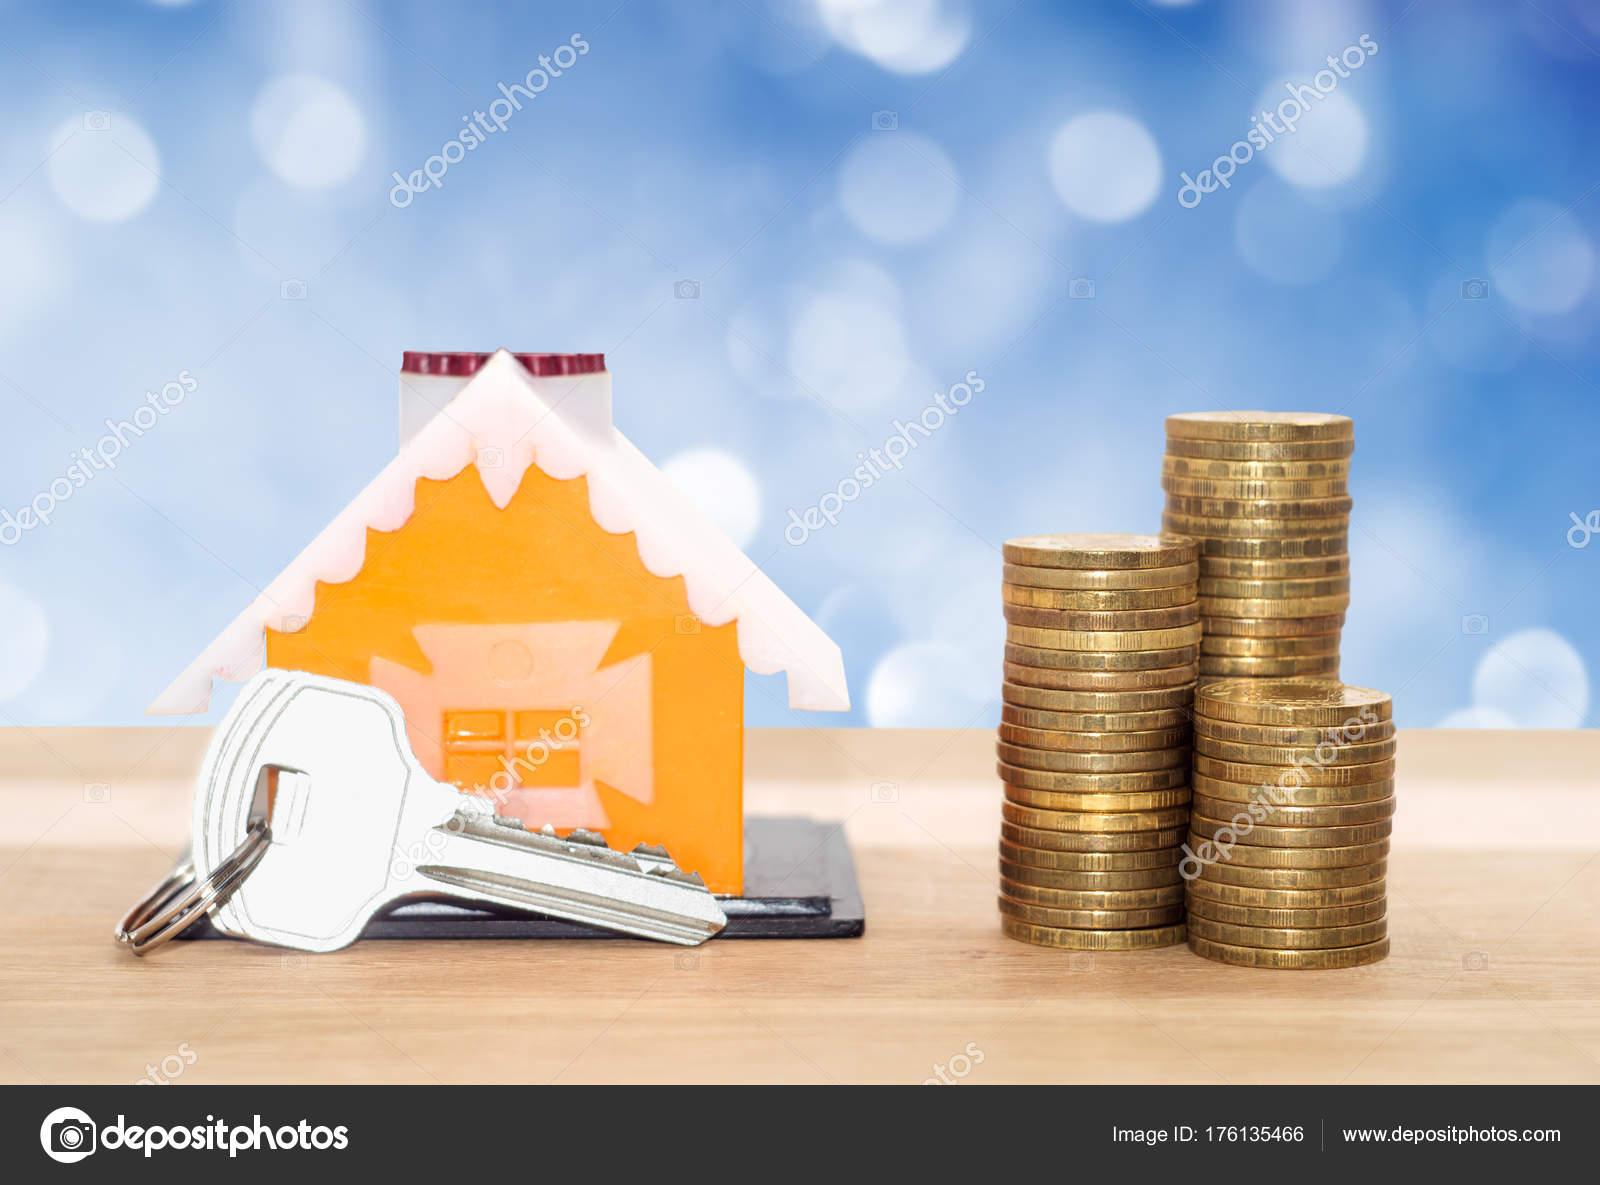 получение займа под залог недвижимости